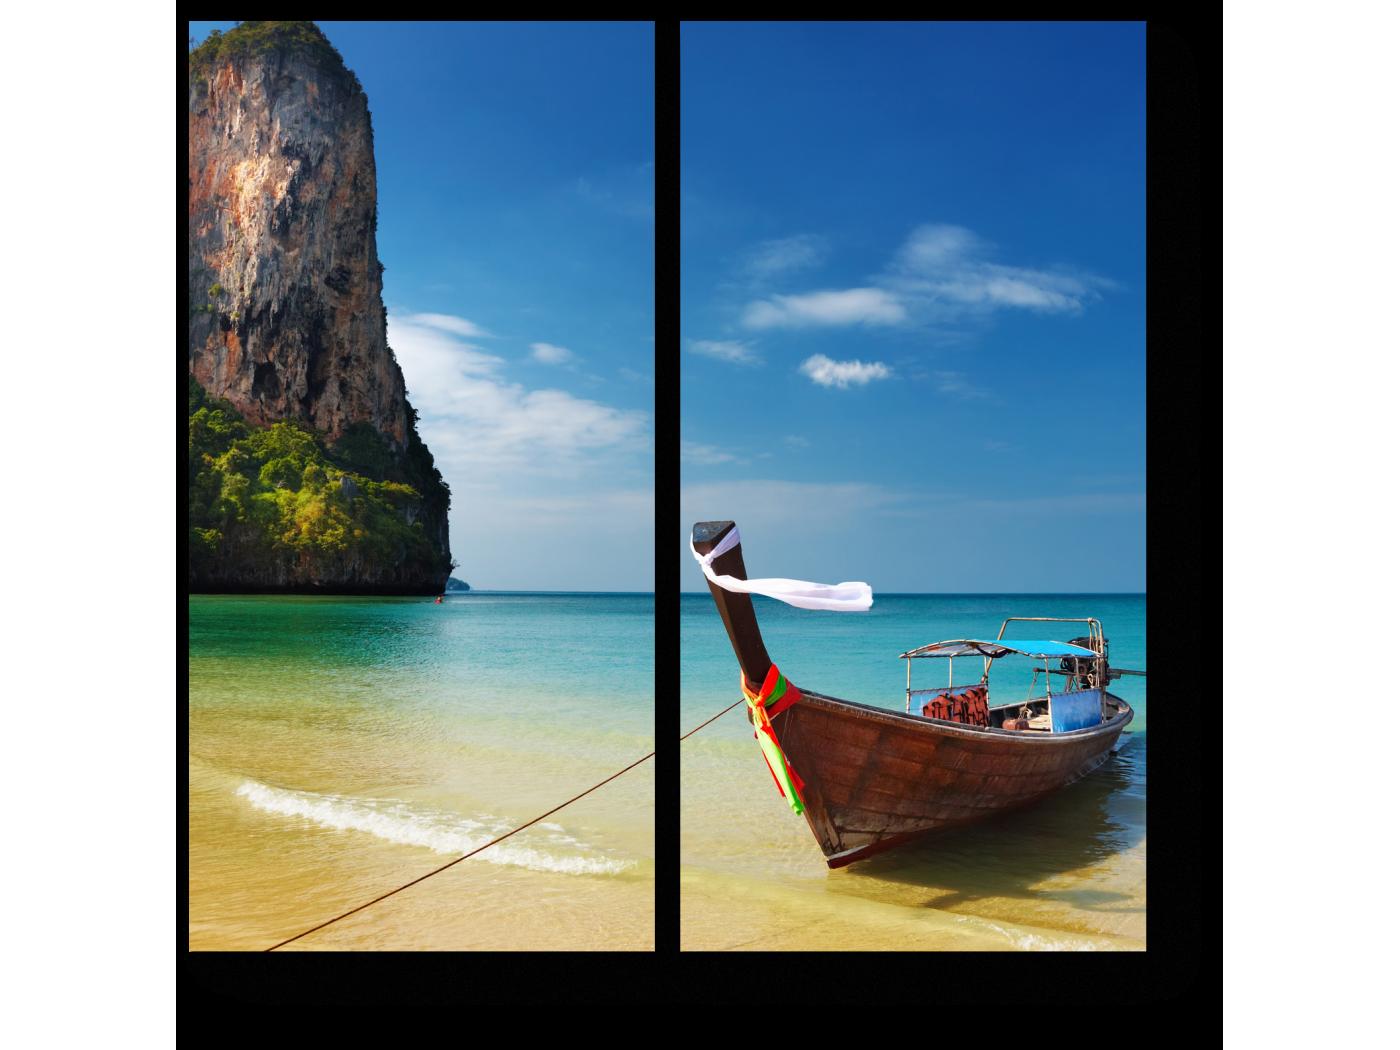 Модульная картина Лодки на пляже в Таиланде (40x40) фото